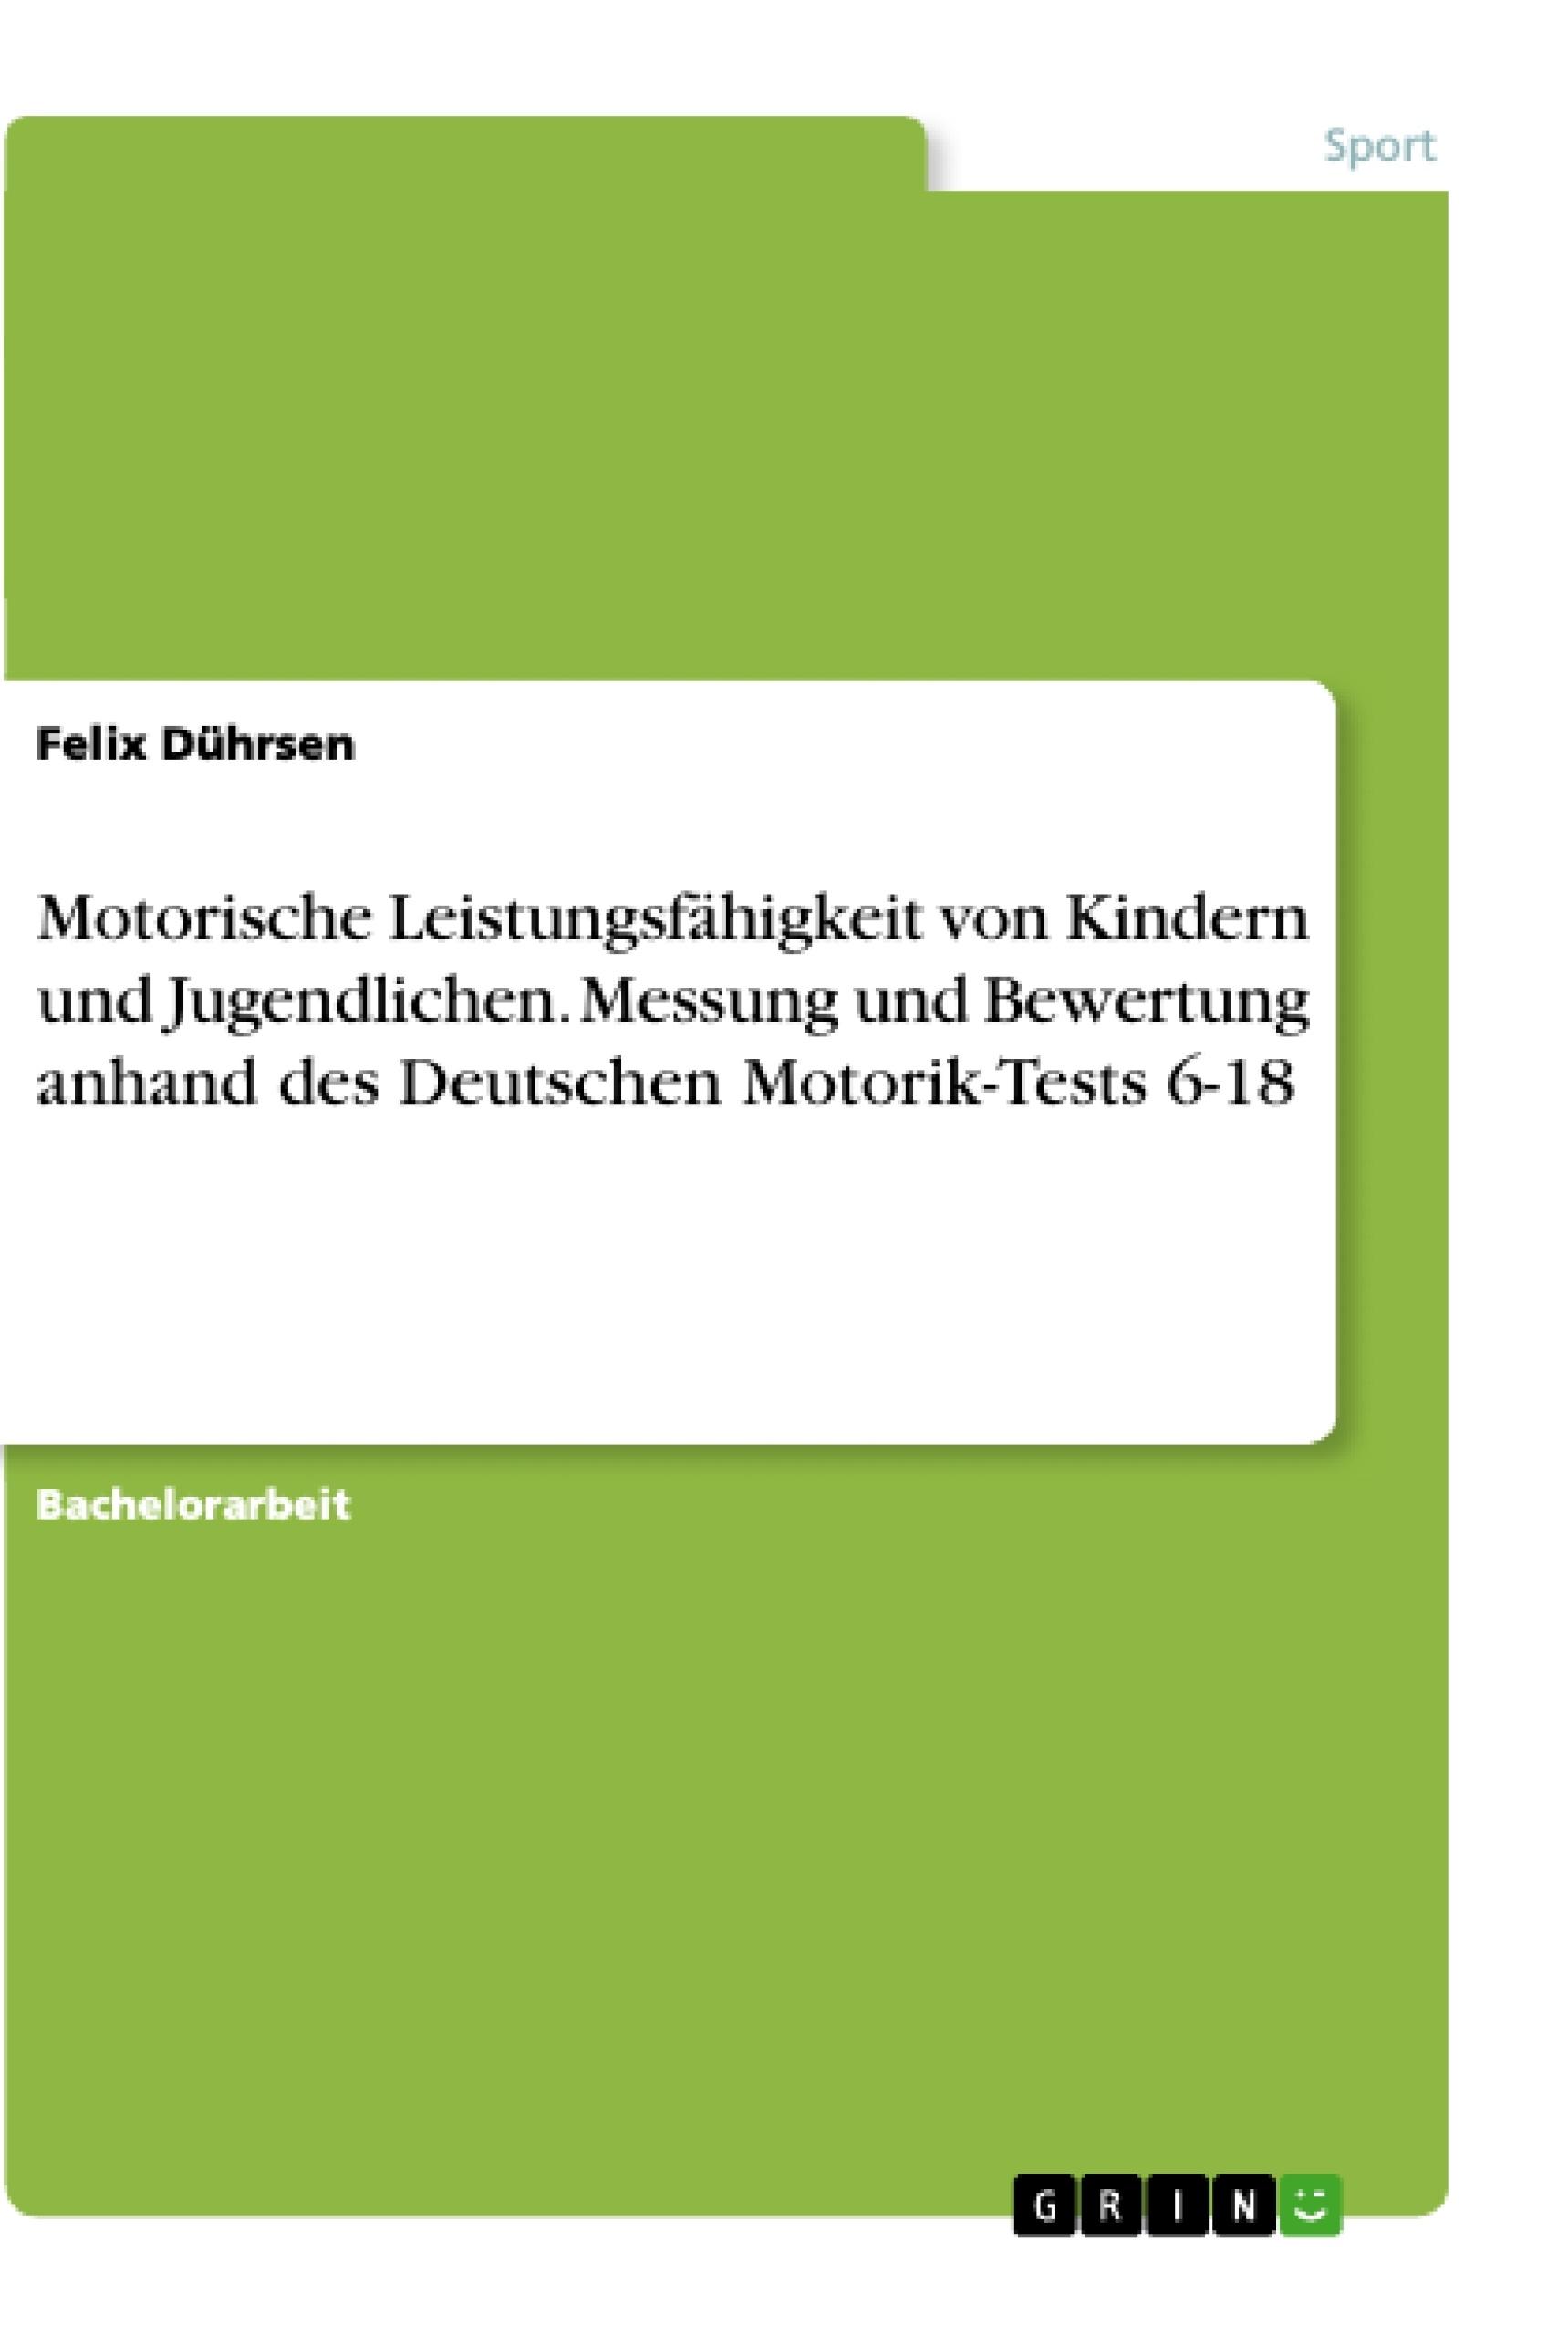 Titel: Motorische Leistungsfähigkeit von Kindern und Jugendlichen. Messung und Bewertung anhand des Deutschen Motorik-Tests 6-18